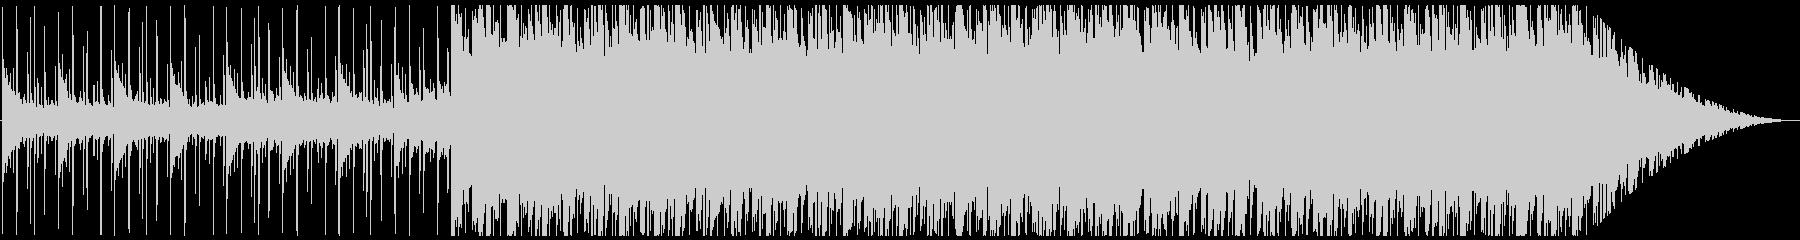 切ないR&B系ピアノバラードの未再生の波形